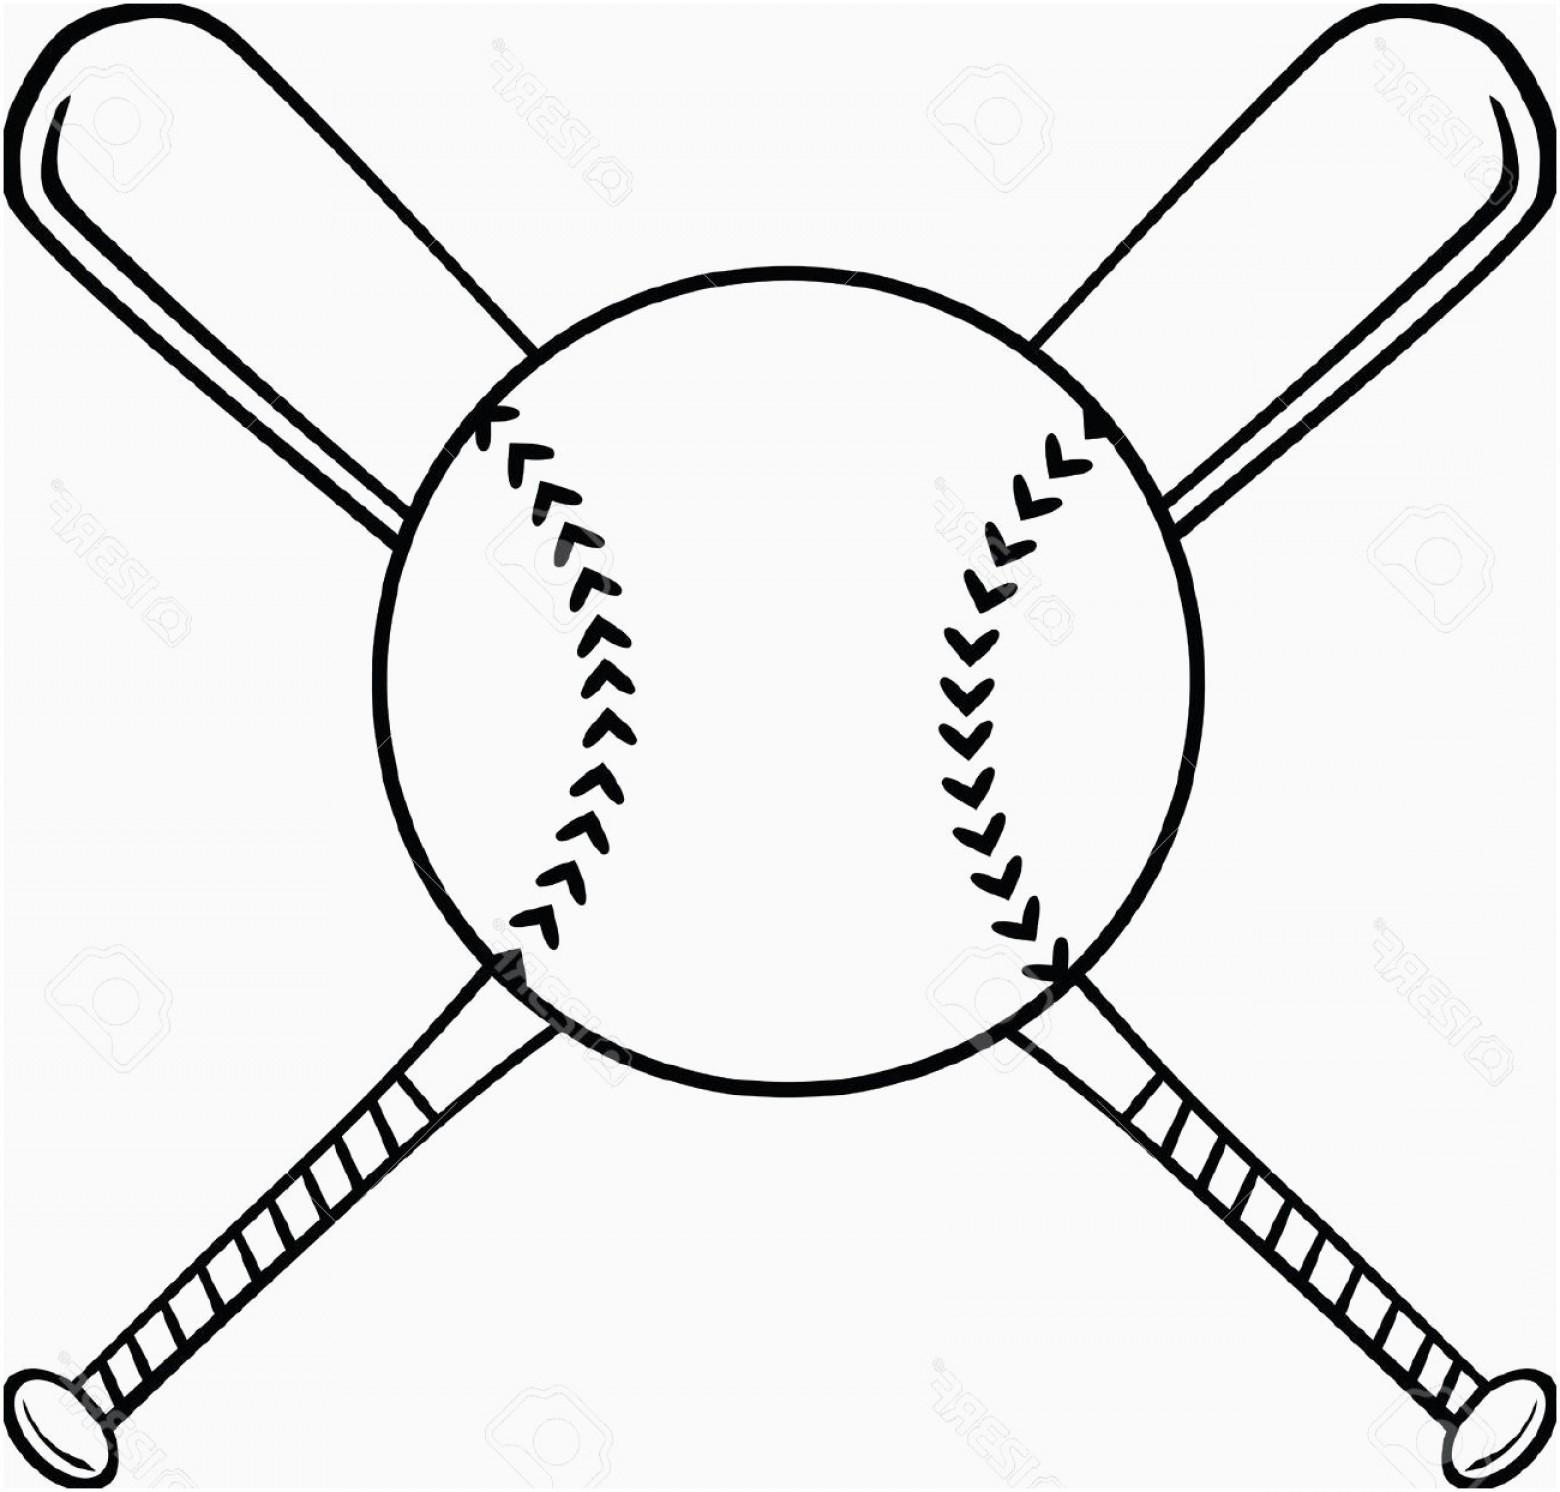 Baseball Clipart Black And White Lovely Baseball Ball Vector.